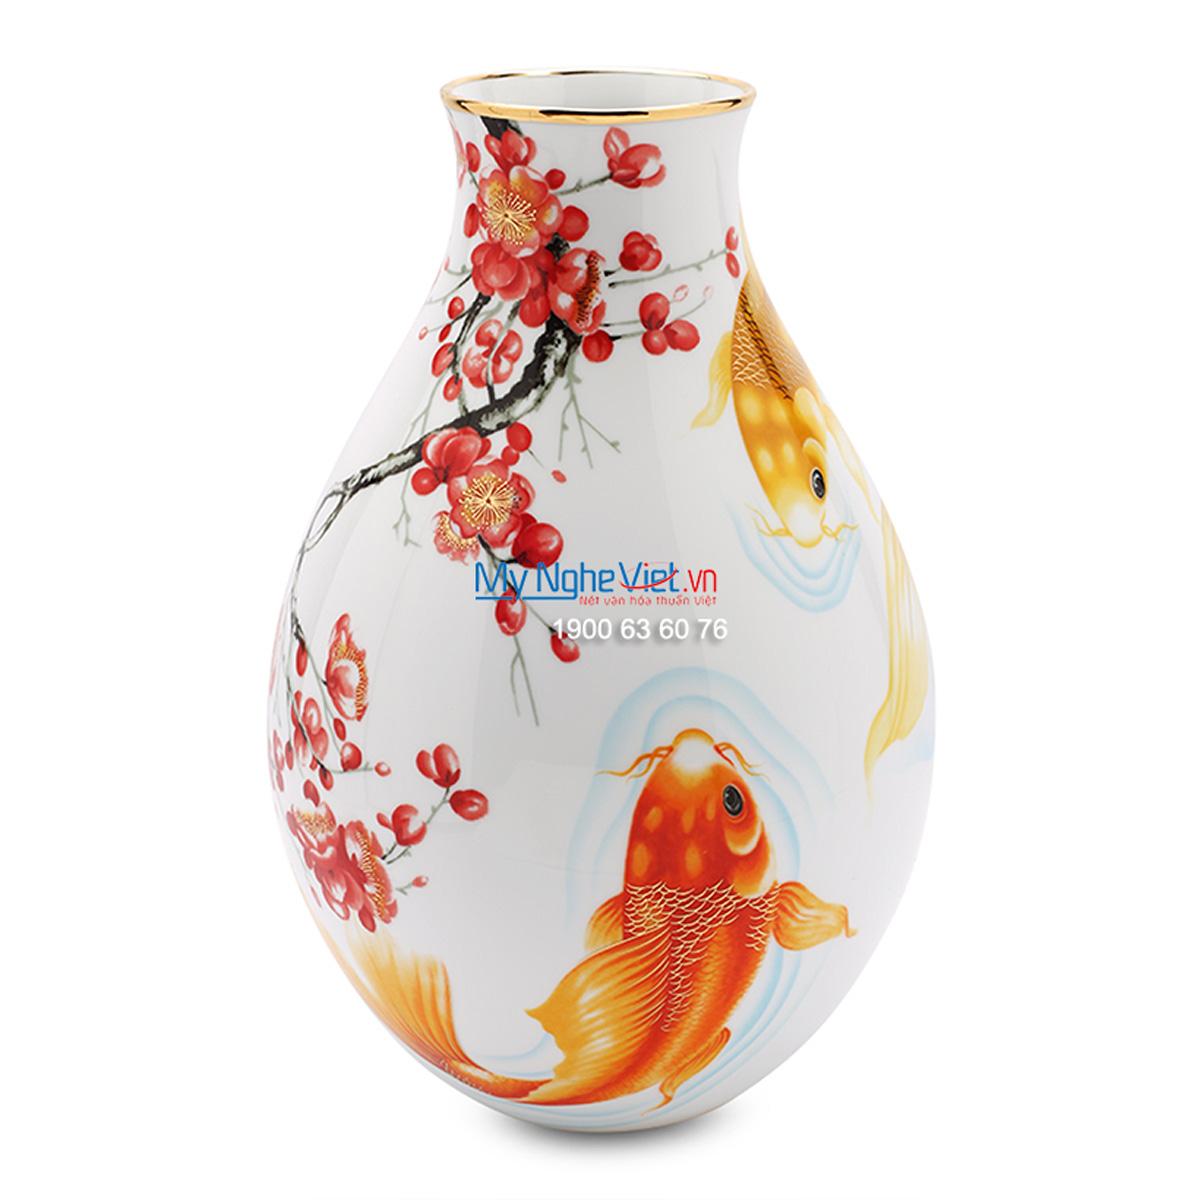 Bình hoa trang trí Cá chép 25cm - MNV502534297